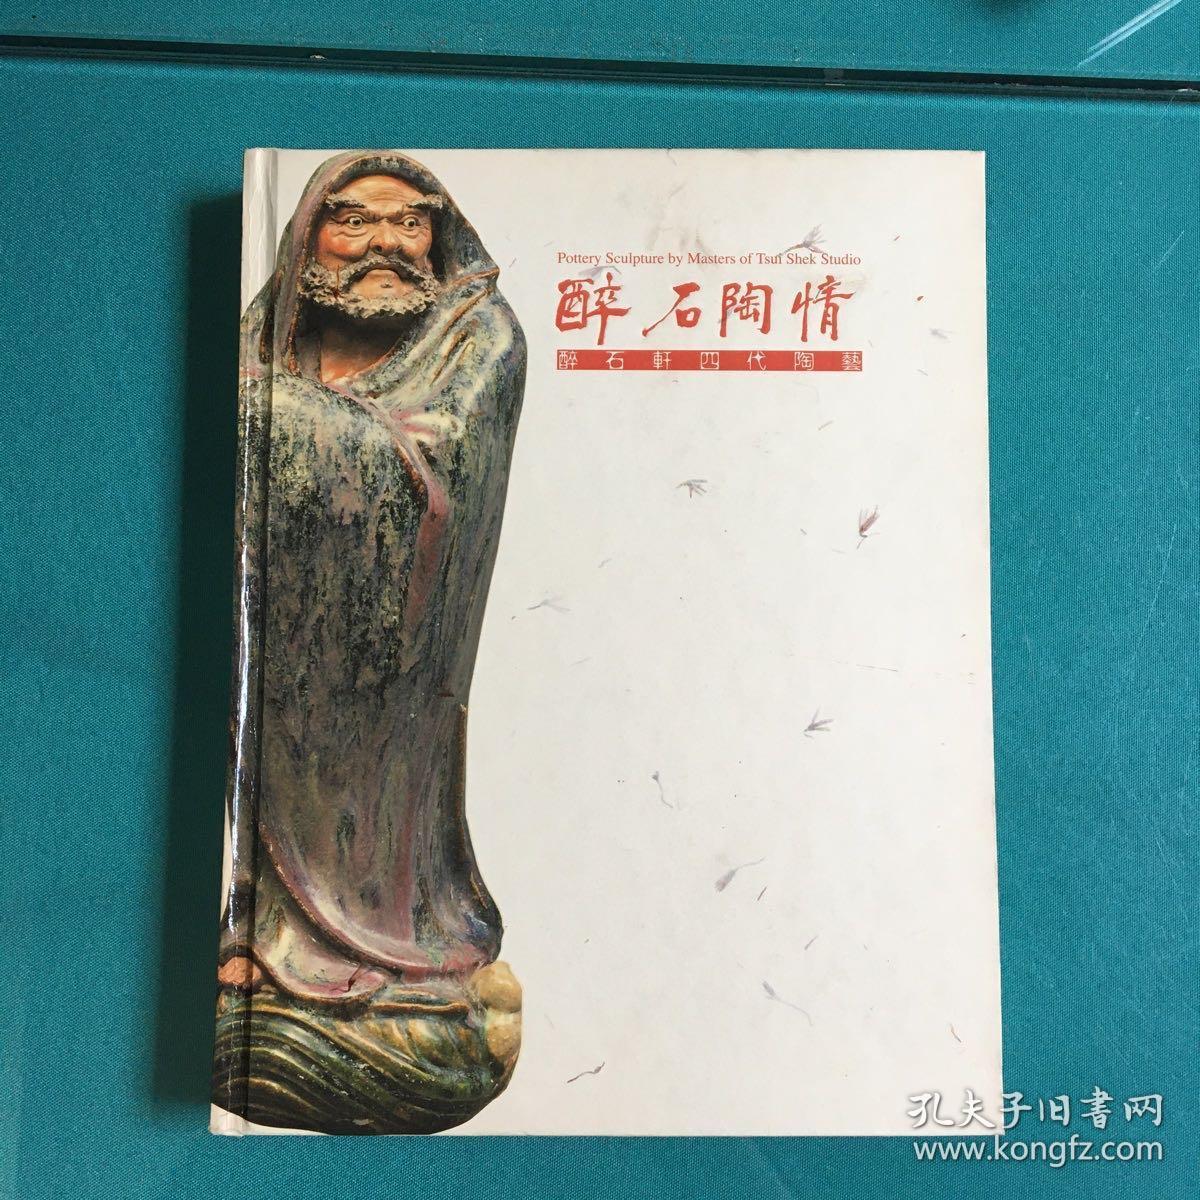 醉石陶情 (塑封95品发货)